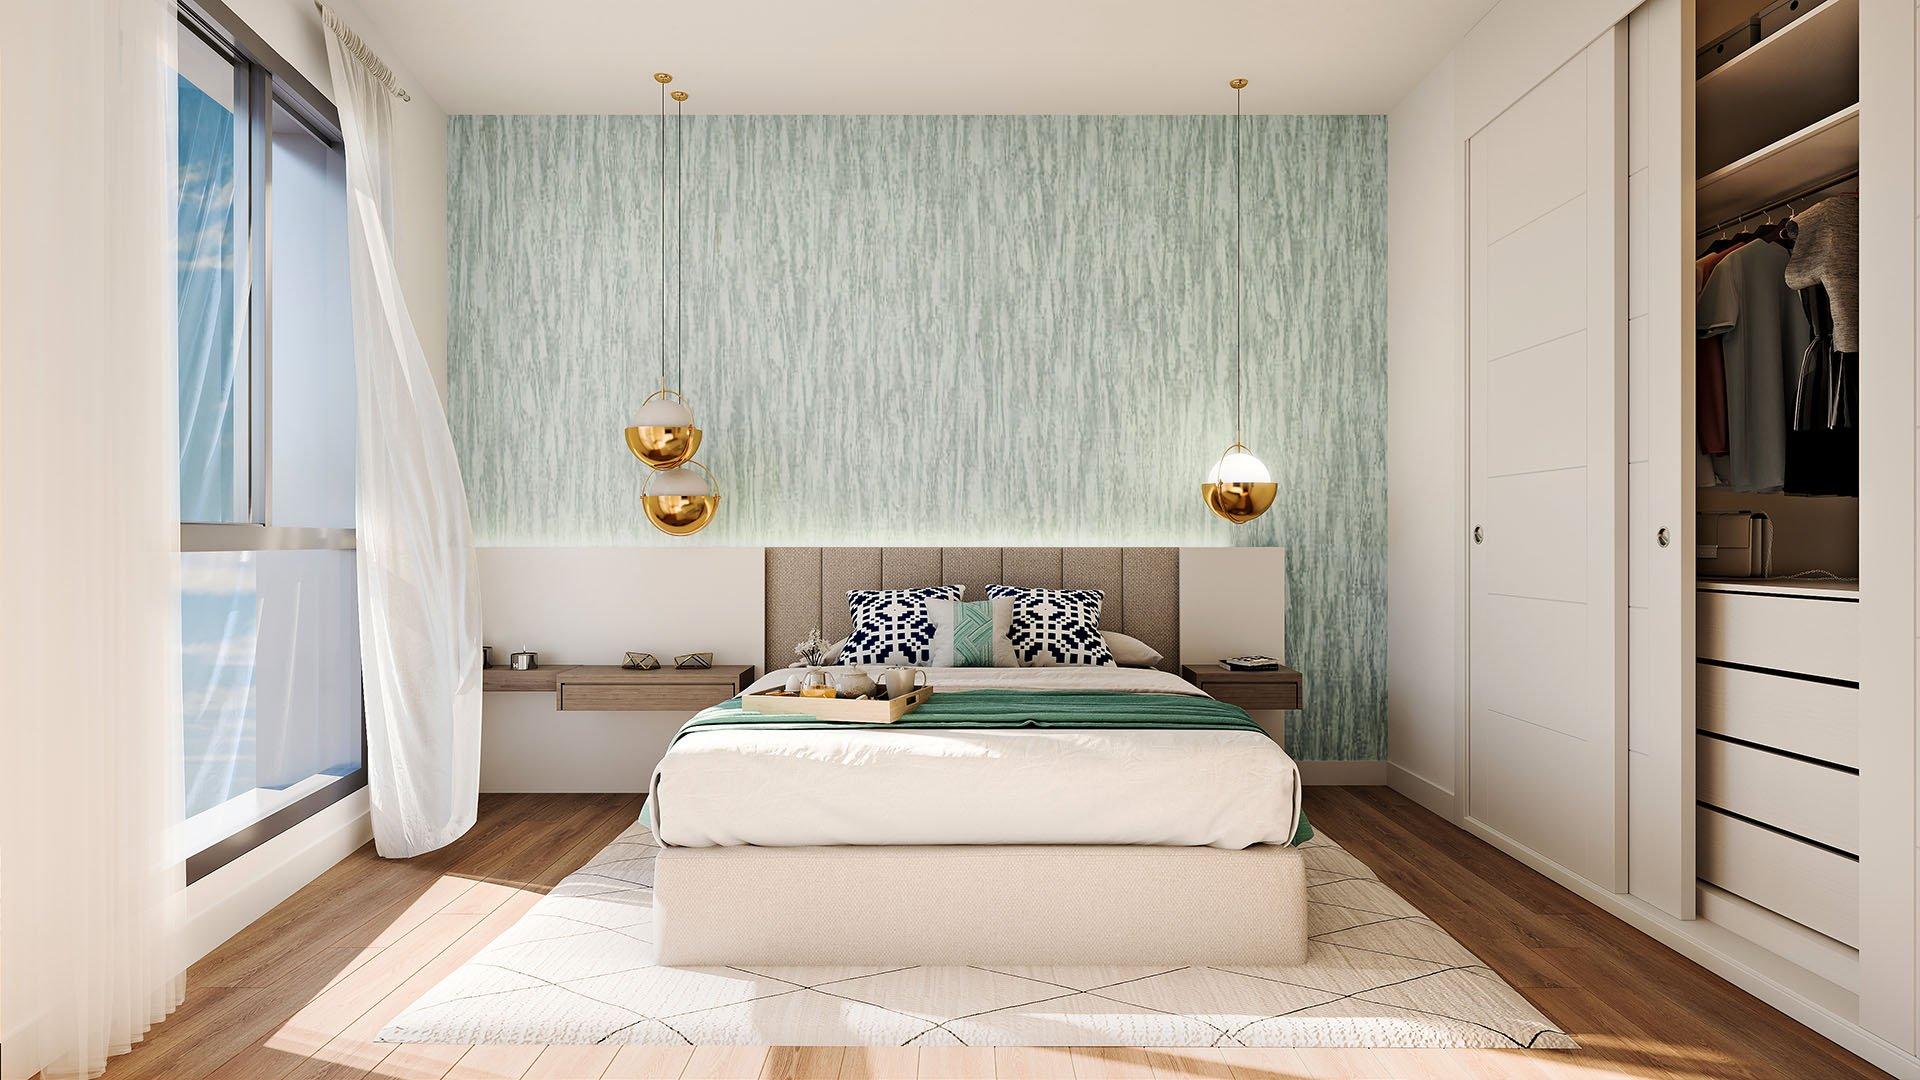 Living Estepona: Apartment in Estepona close to the sea